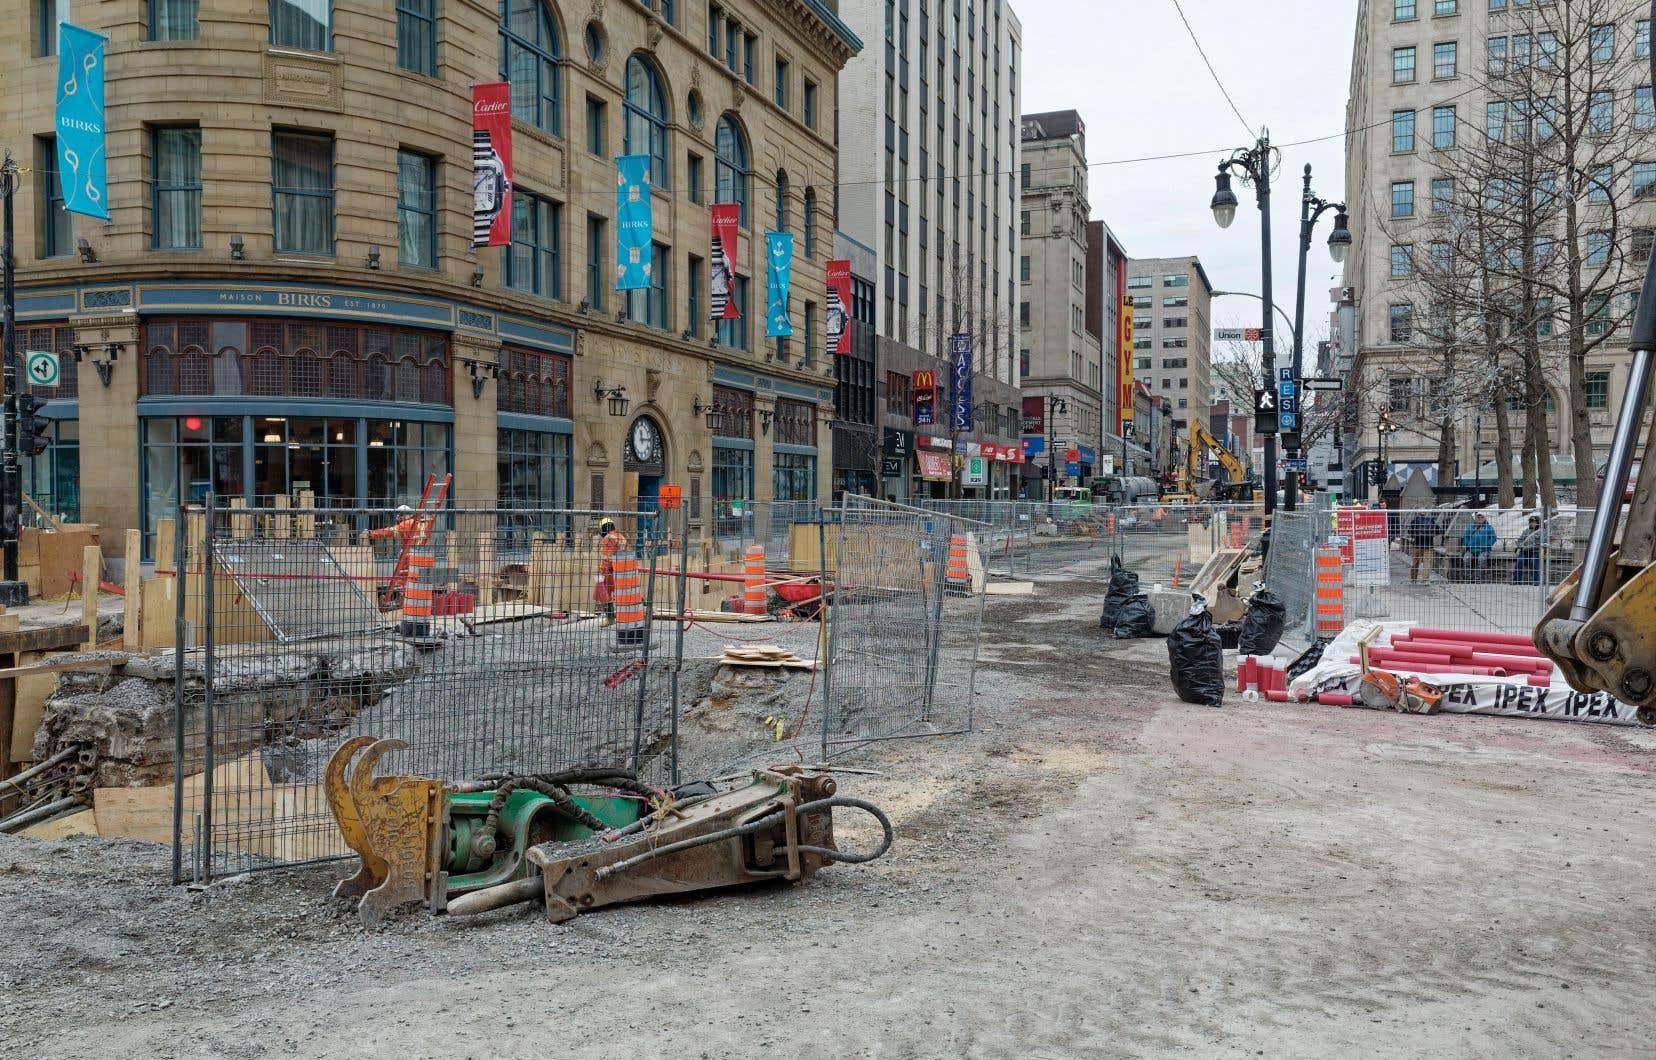 Inspiré par le projet-pilote mené sur la rue Sainte-Catherine à Montréal (photo), le programme de la Ville de Québec permettra aux commerces d'obtenir jusqu'à 30 000$ par an en compensations.